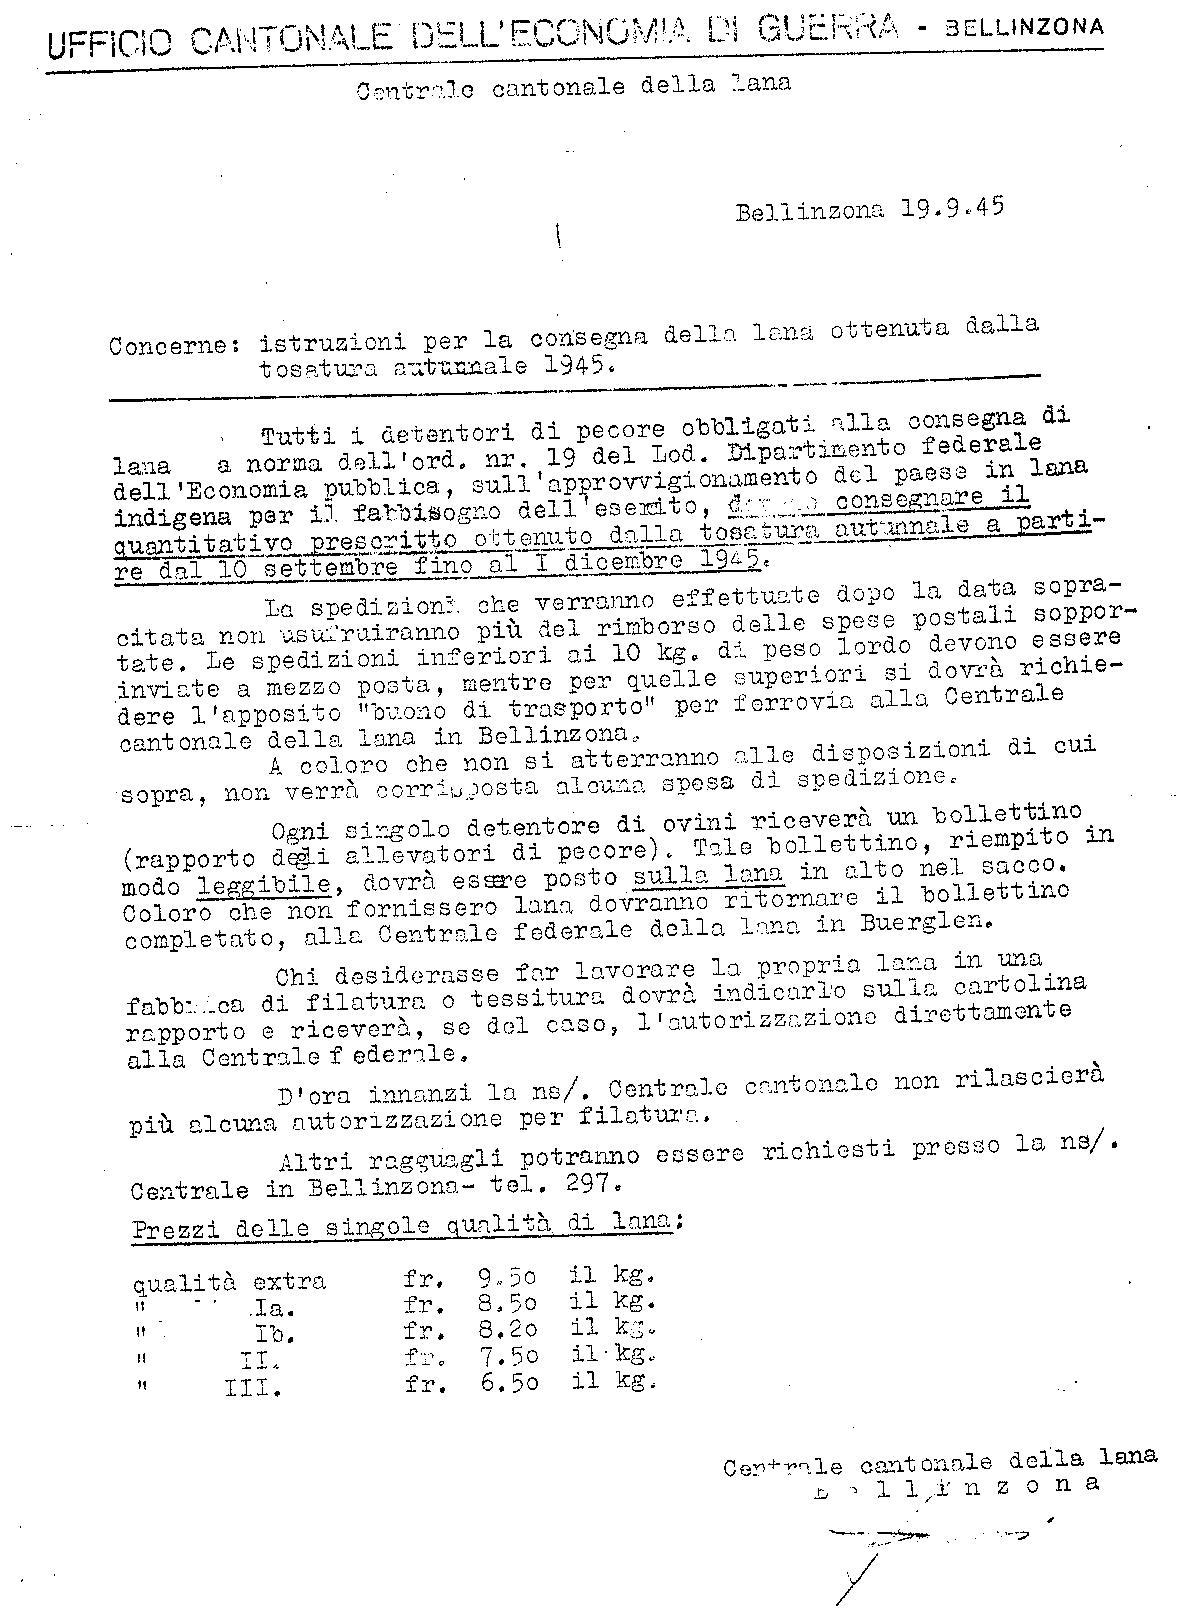 Economia di Guerra- lana -1945 - Copia